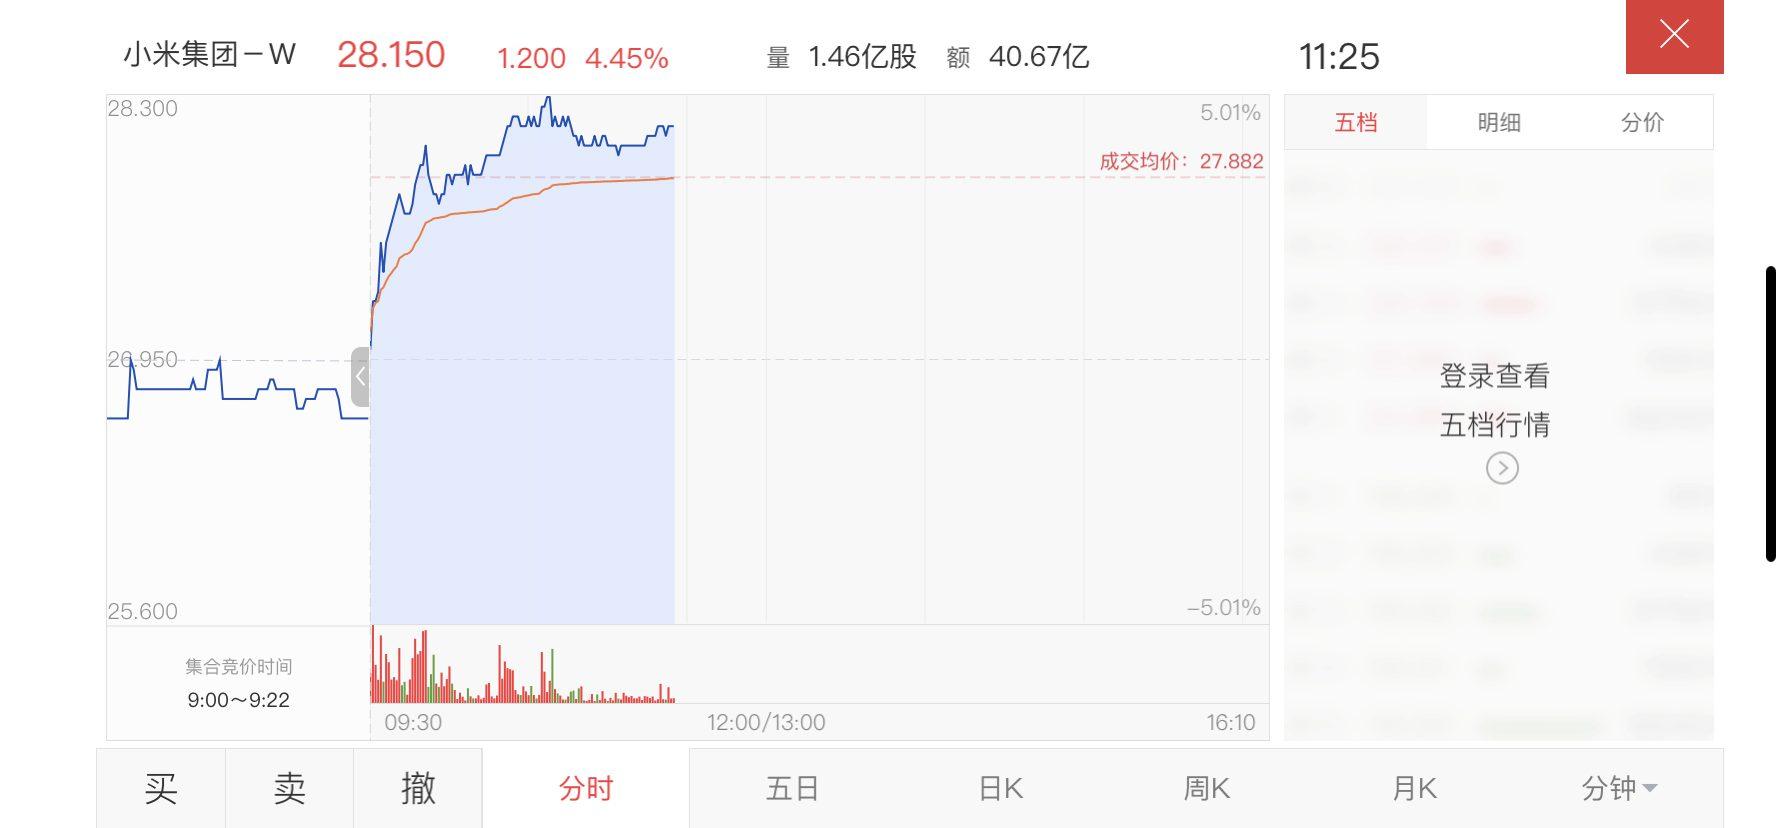 Смартфоны Xiaomi стали вторыми в мире по популярности. Компания обошла Apple